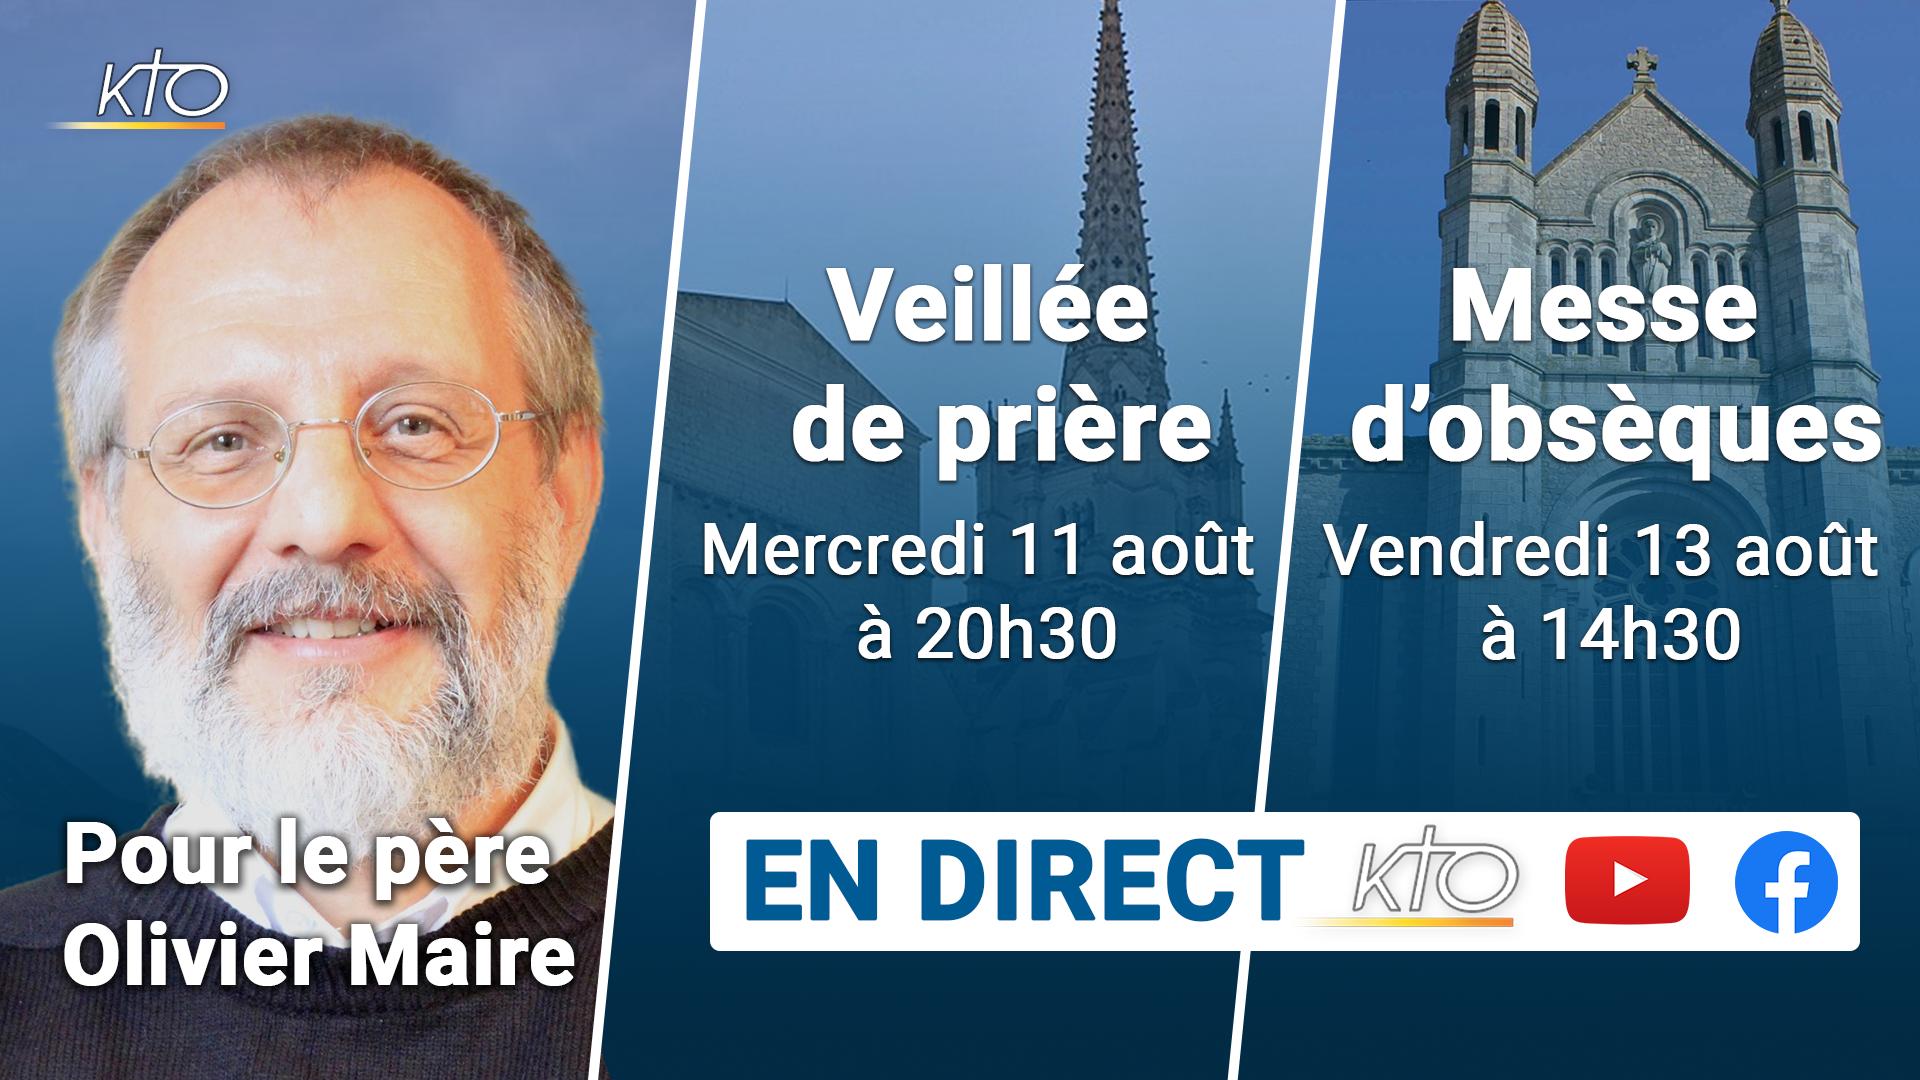 Un prêtre tué en Vendée, un homme s'est rendu à la gendarmerie Visuel%20NL%20v3